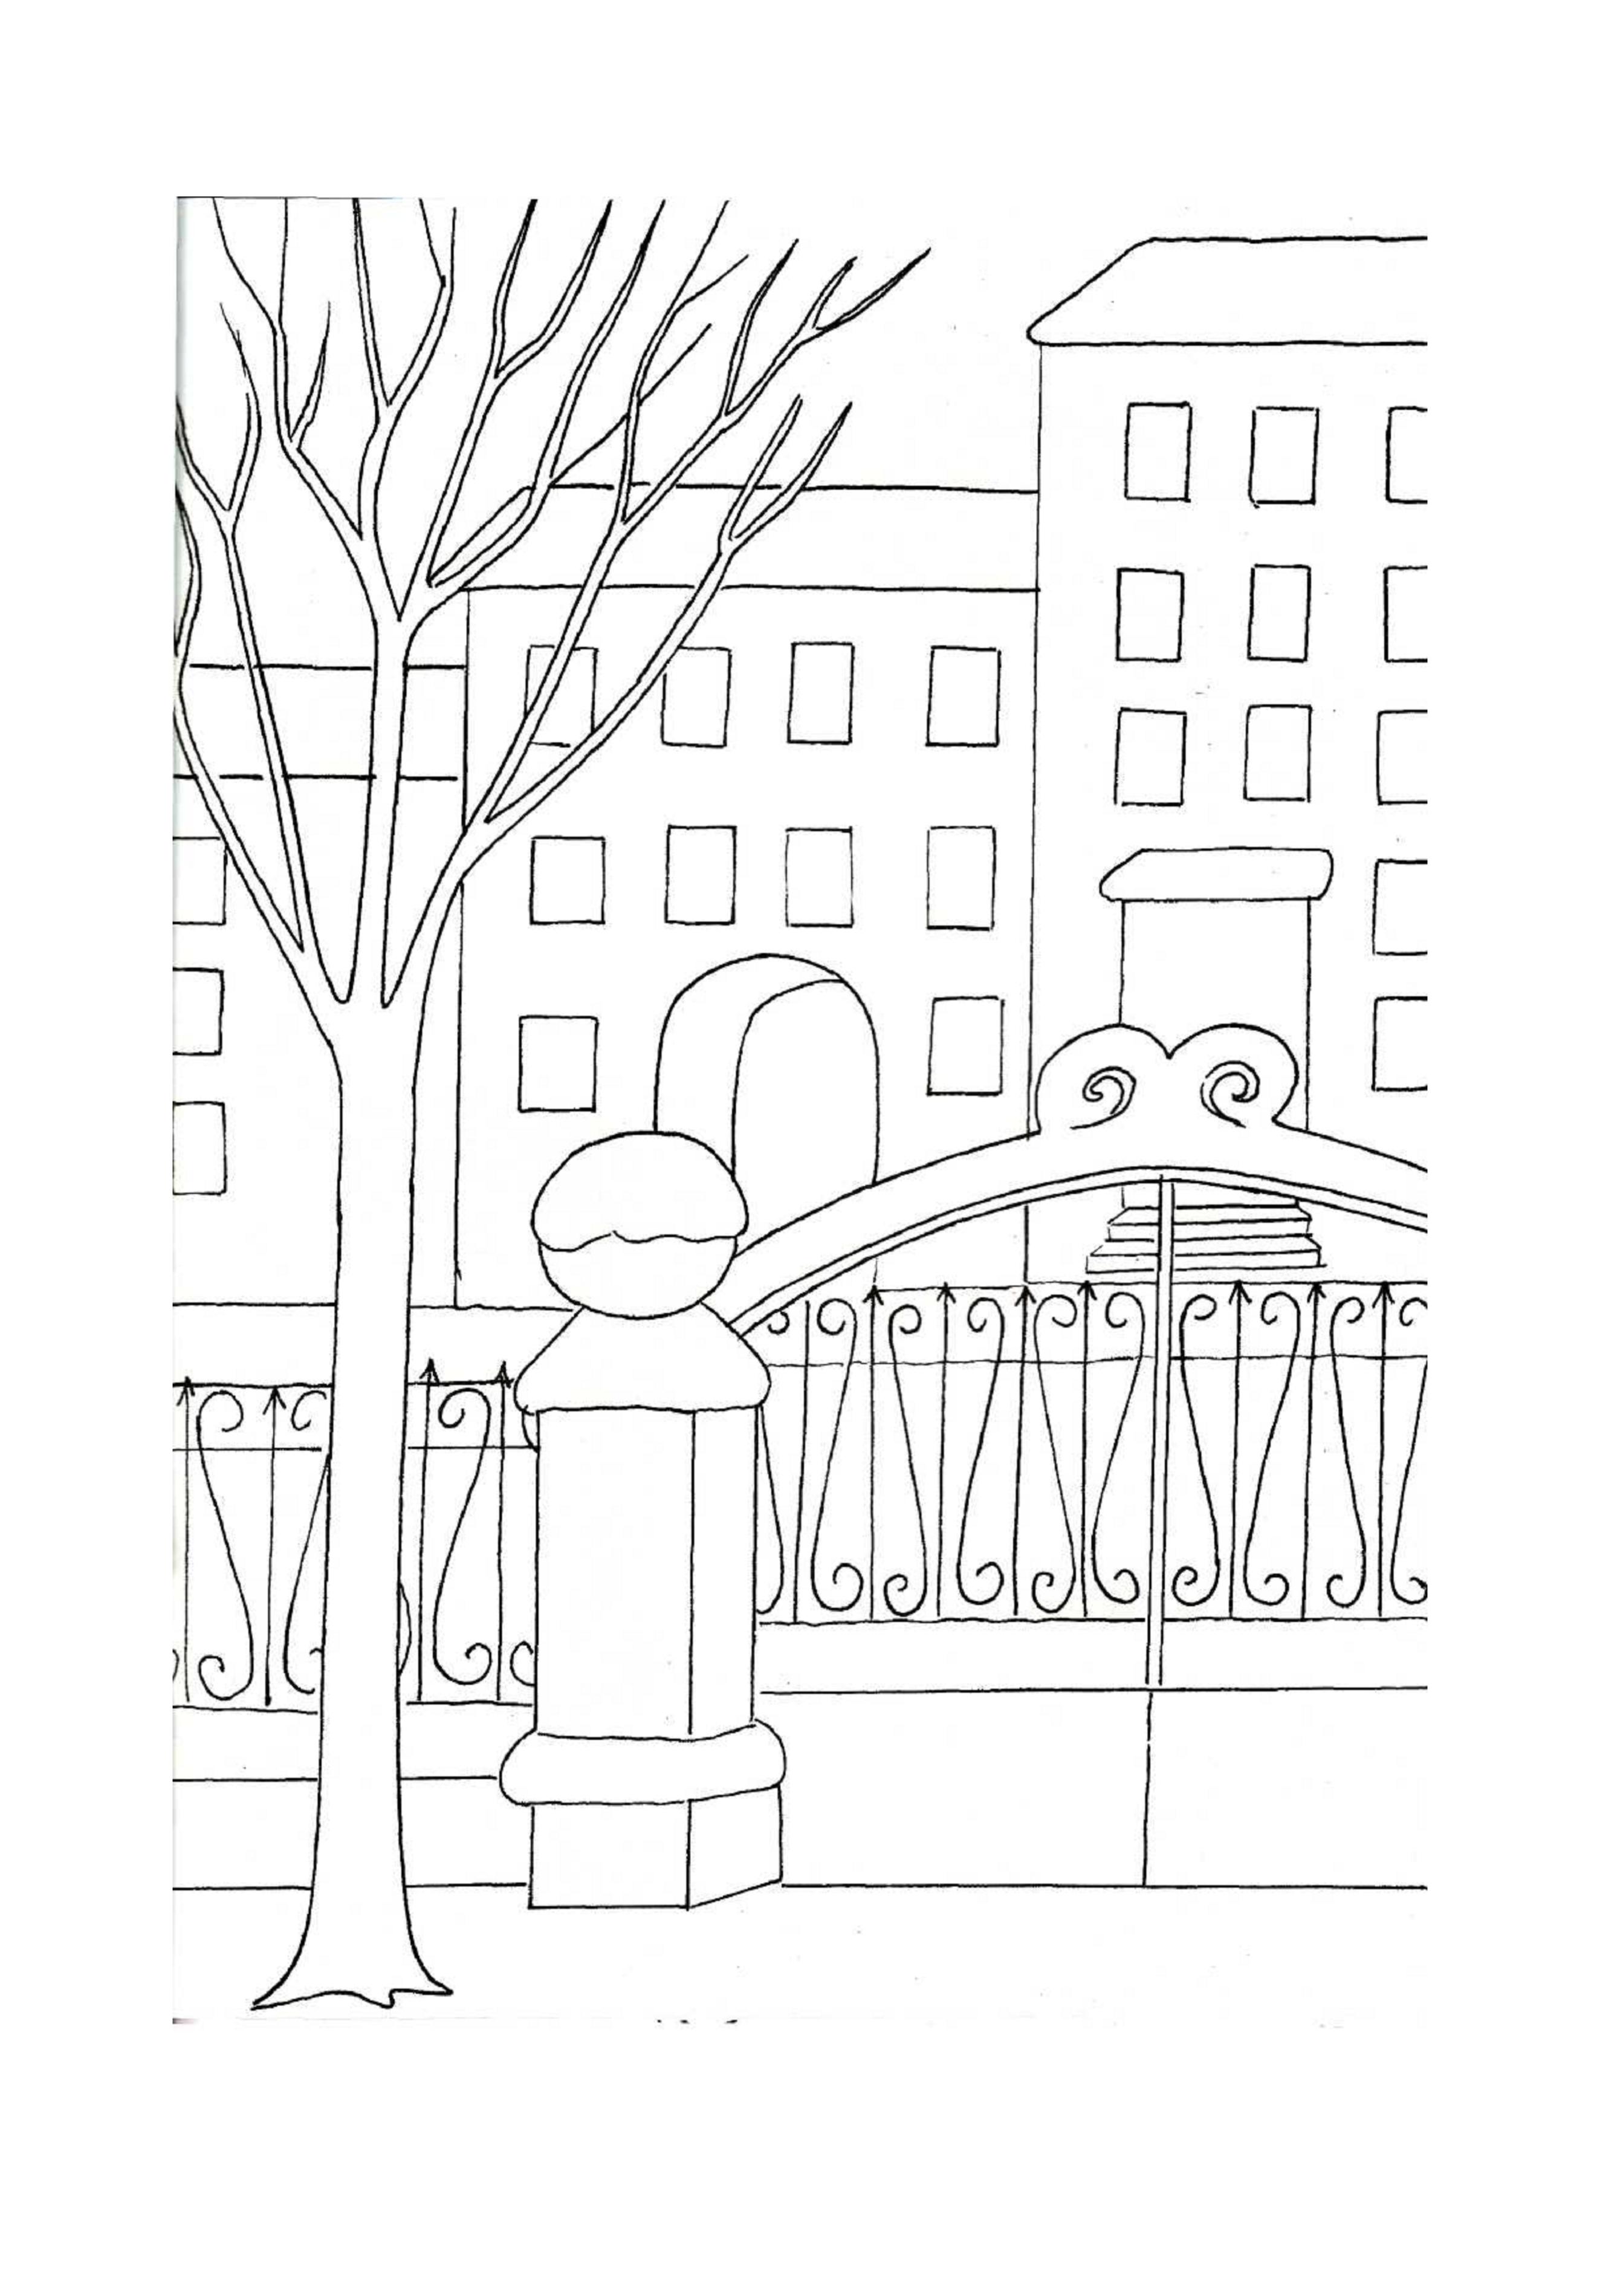 Район города картинки для детей раскраски